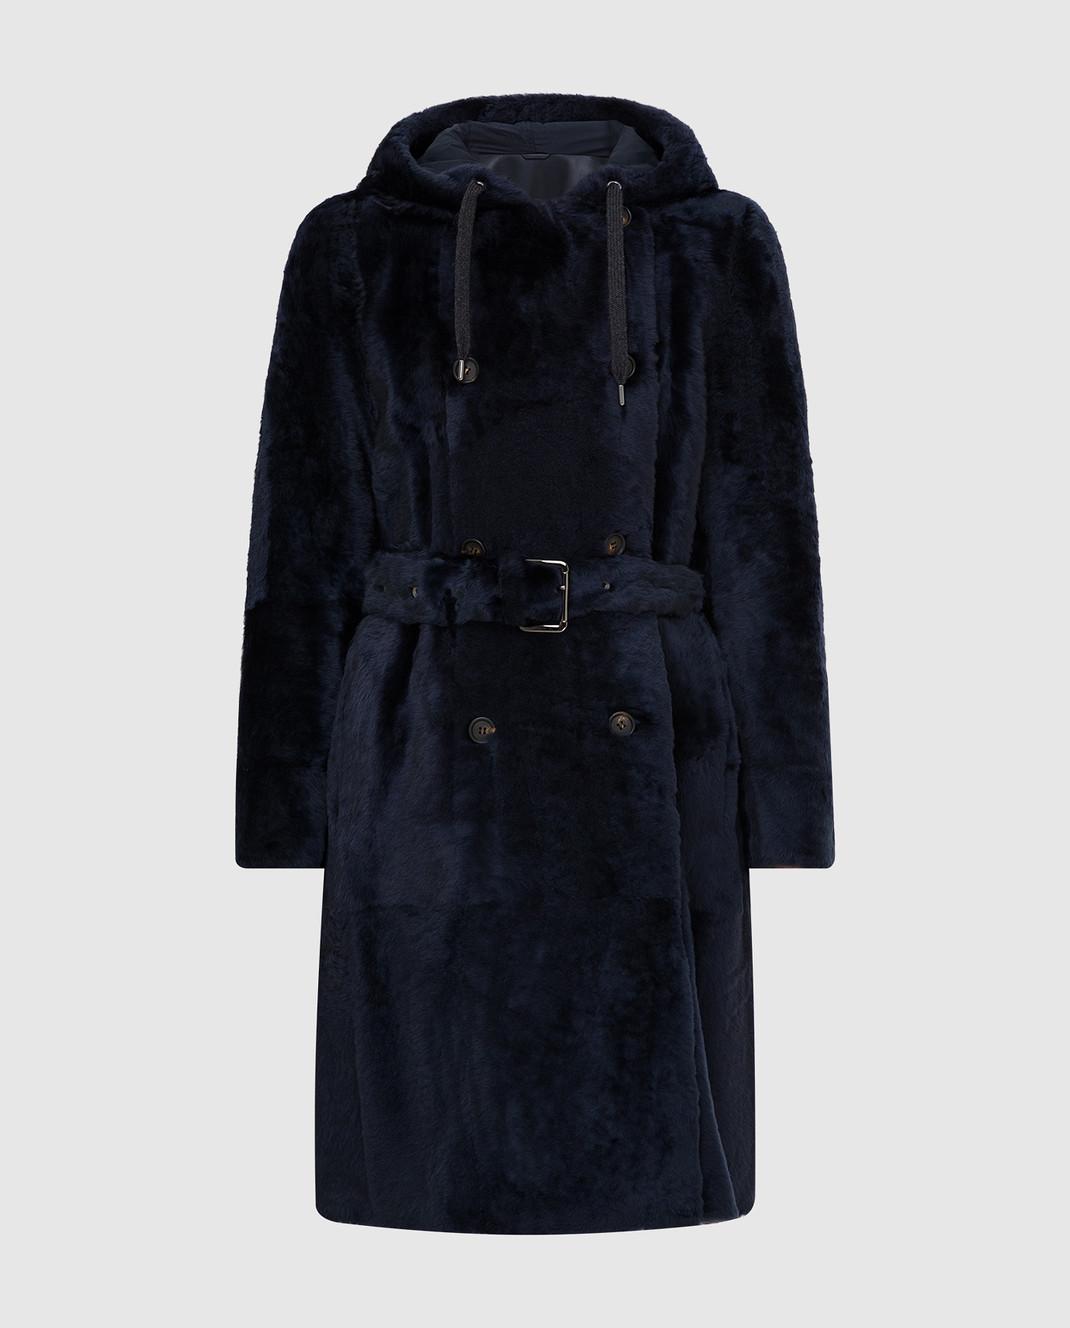 Brunello Cucinelli Темно-синяя шуба изображение 1